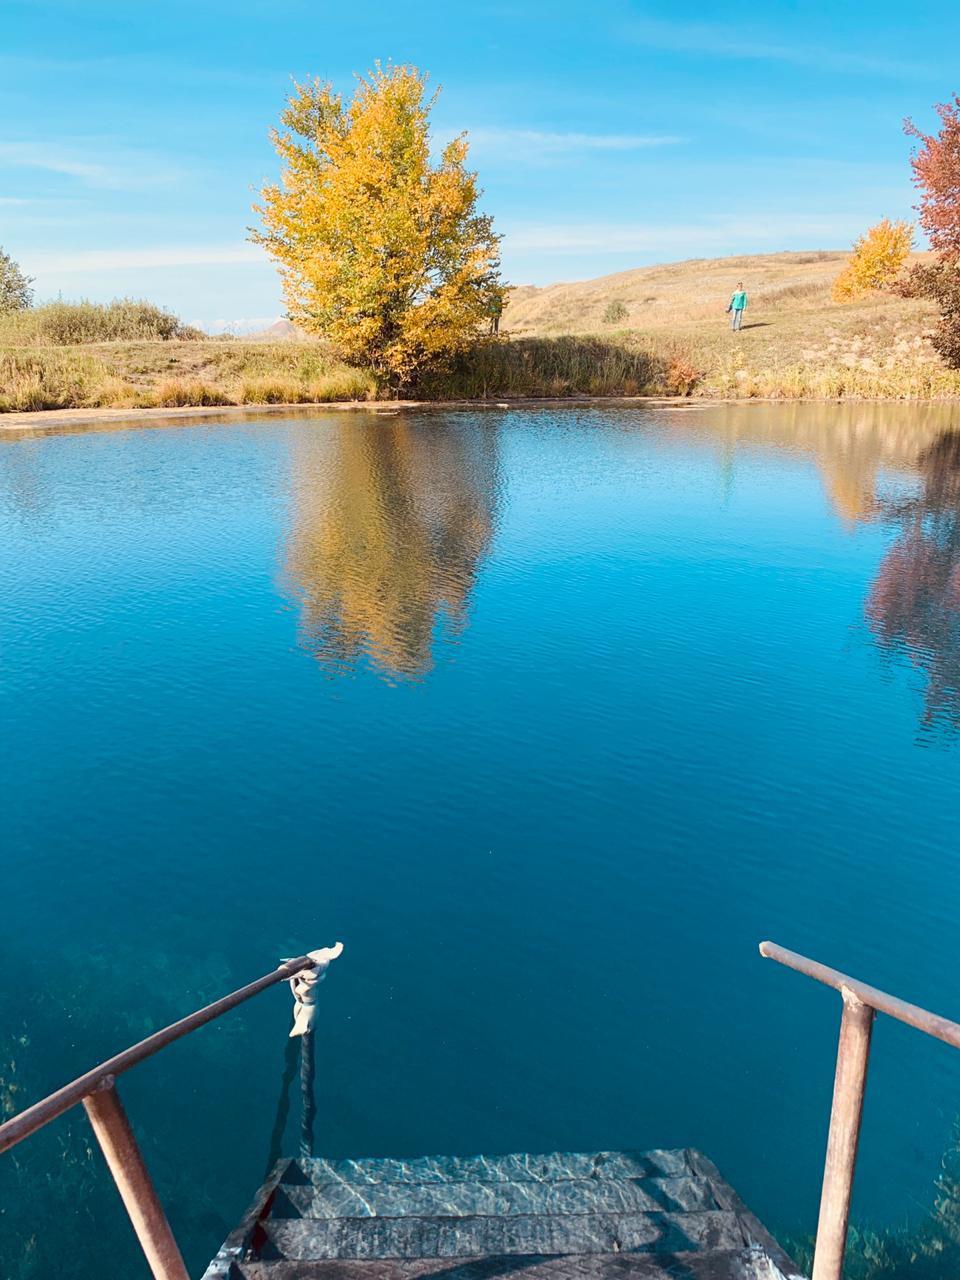 голубое озеро энгельс фото добавил